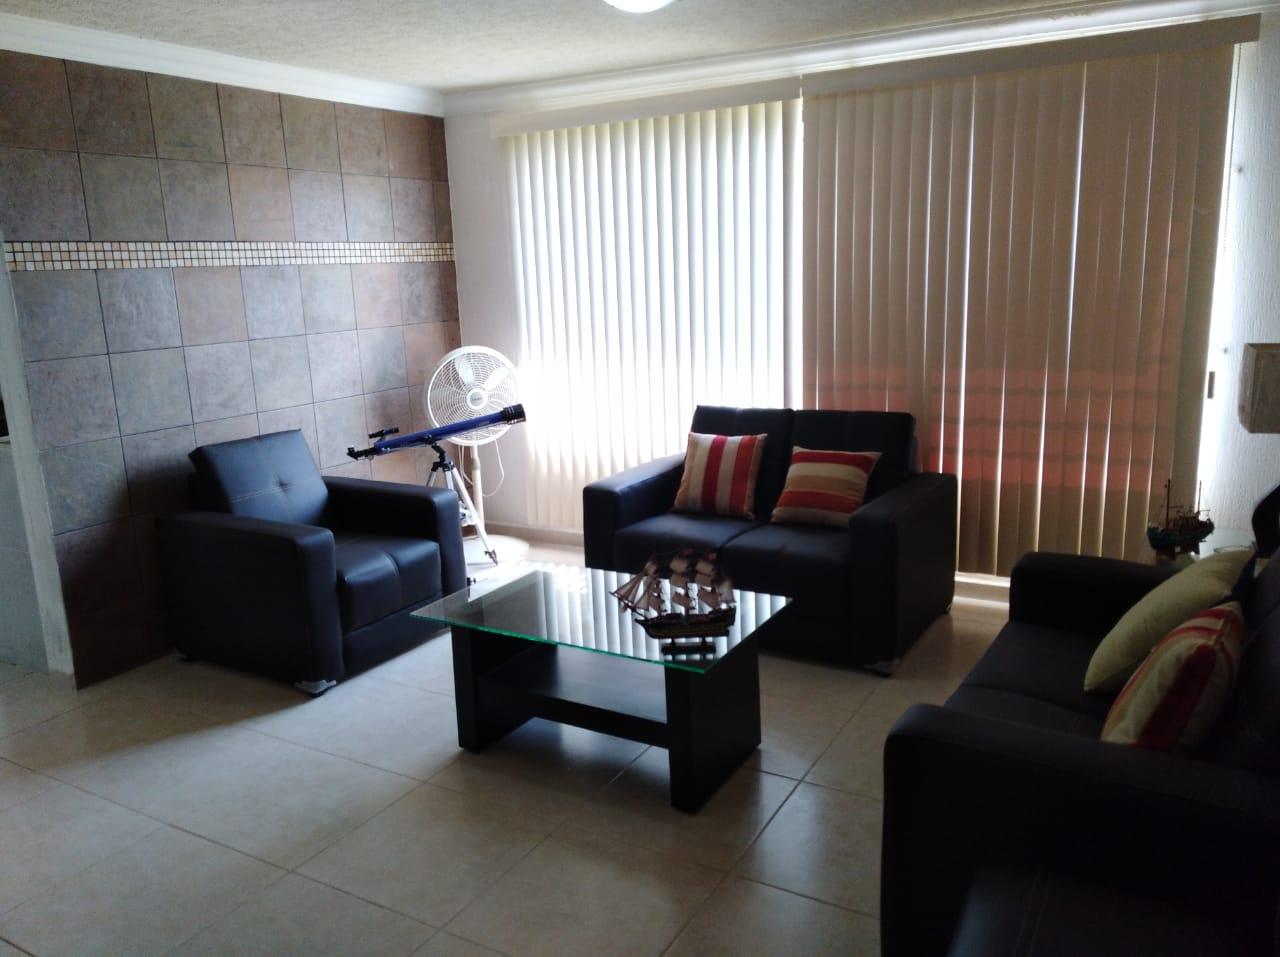 REMATE: Departamento en venta en Fraccionamiento Paraíso, Coatzacoalcos